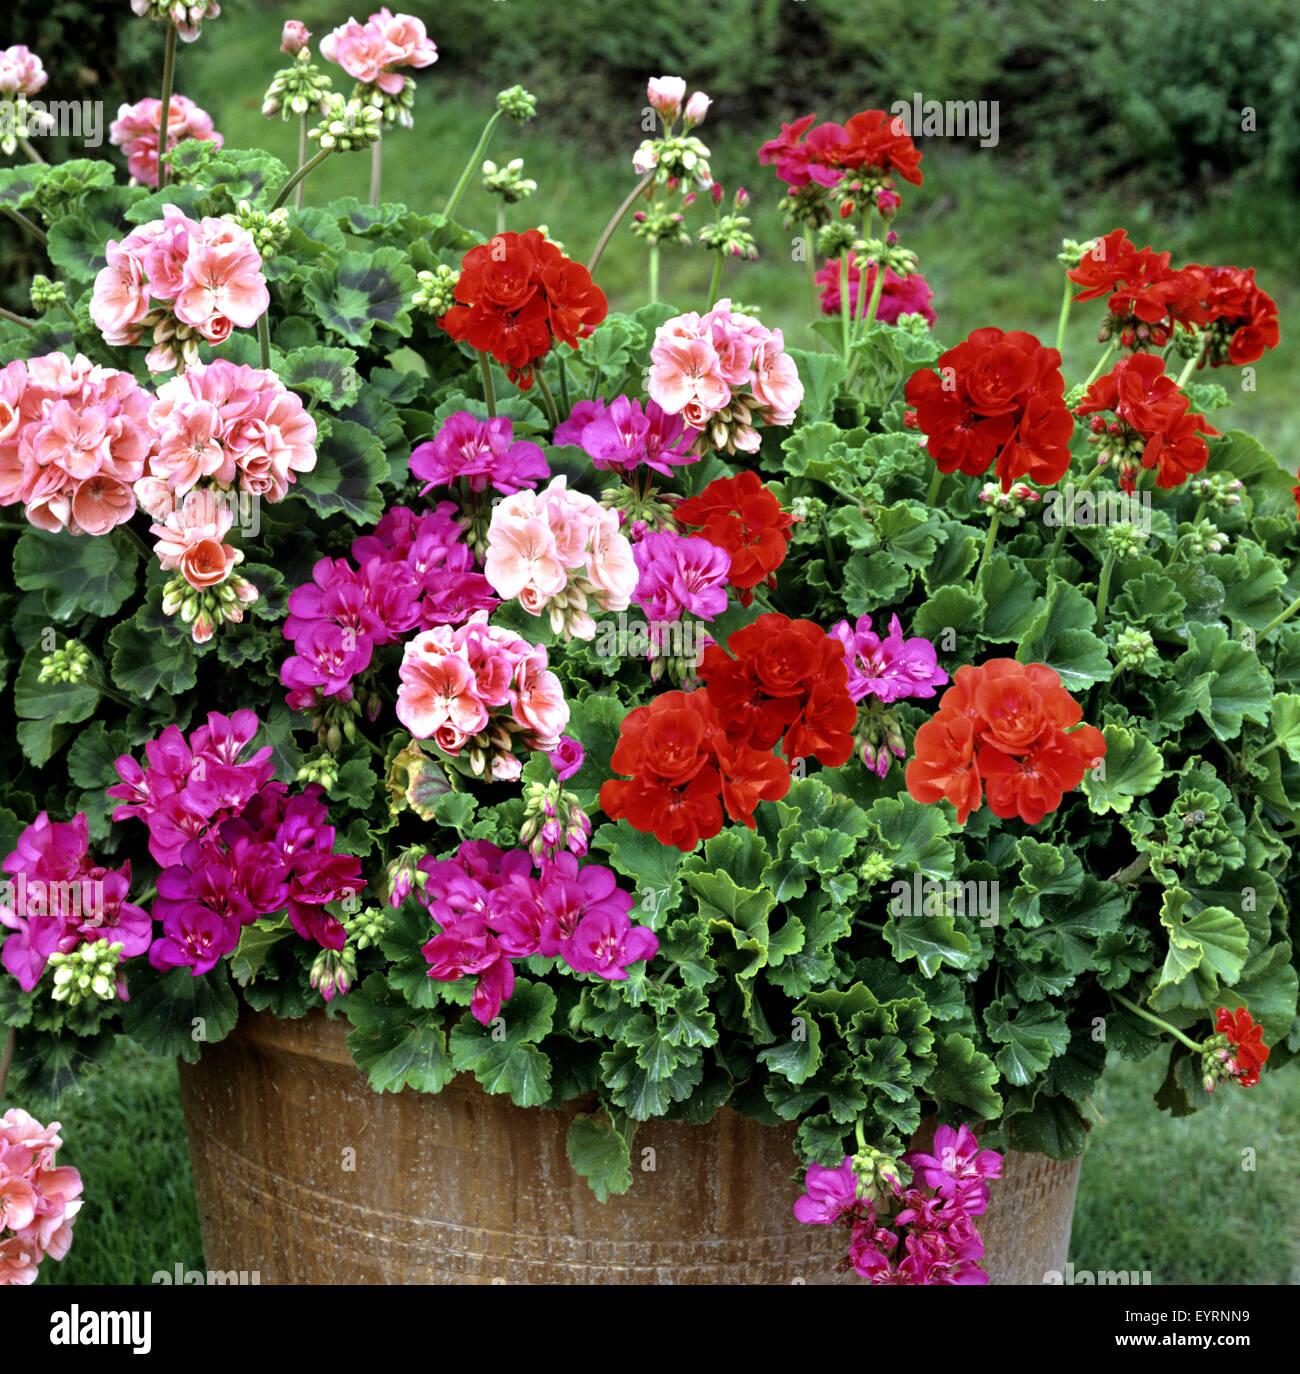 Blumenkuebel Geranien Pelargonium Pelargonie Balkonblumen